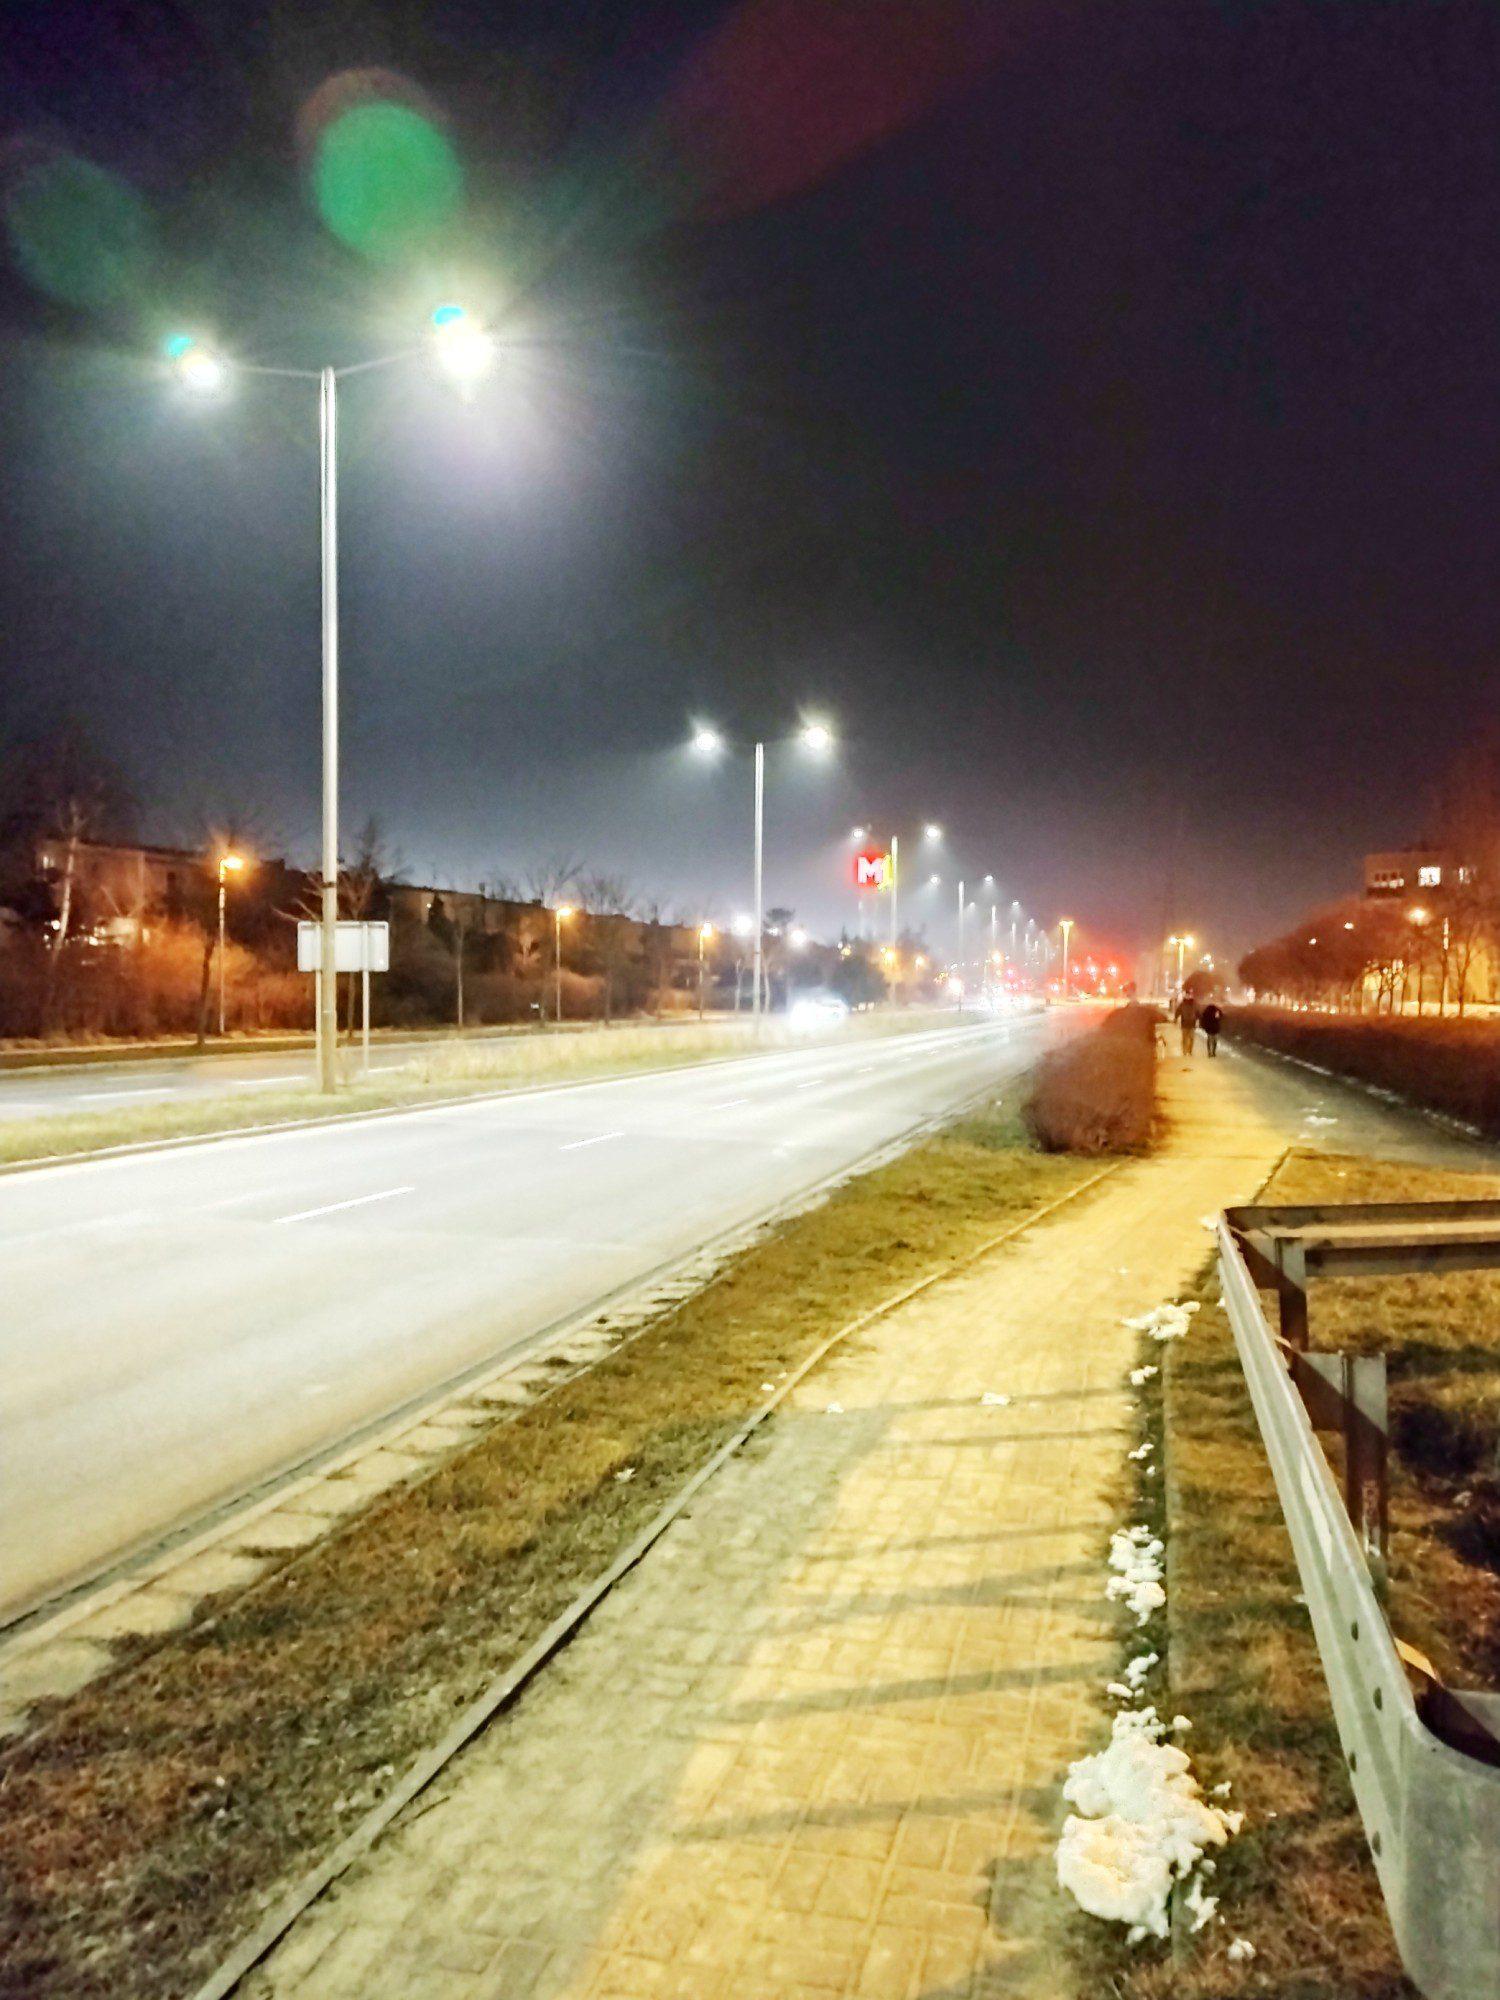 moto g30 zdjęcie nocne na ulicy